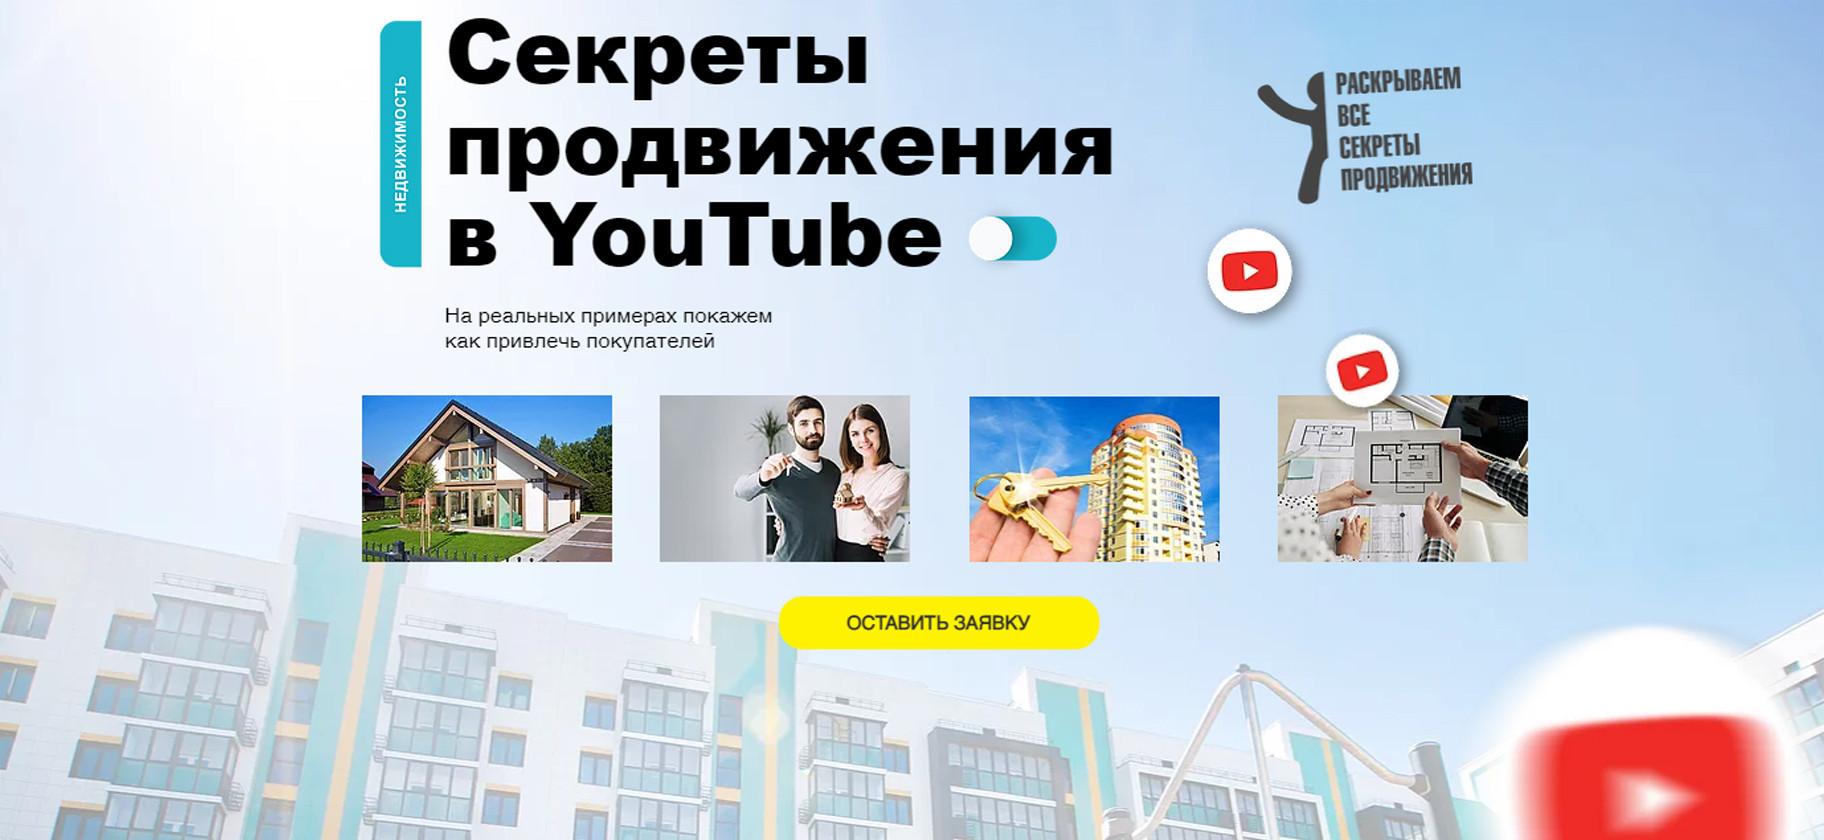 Недвижимость YouTube